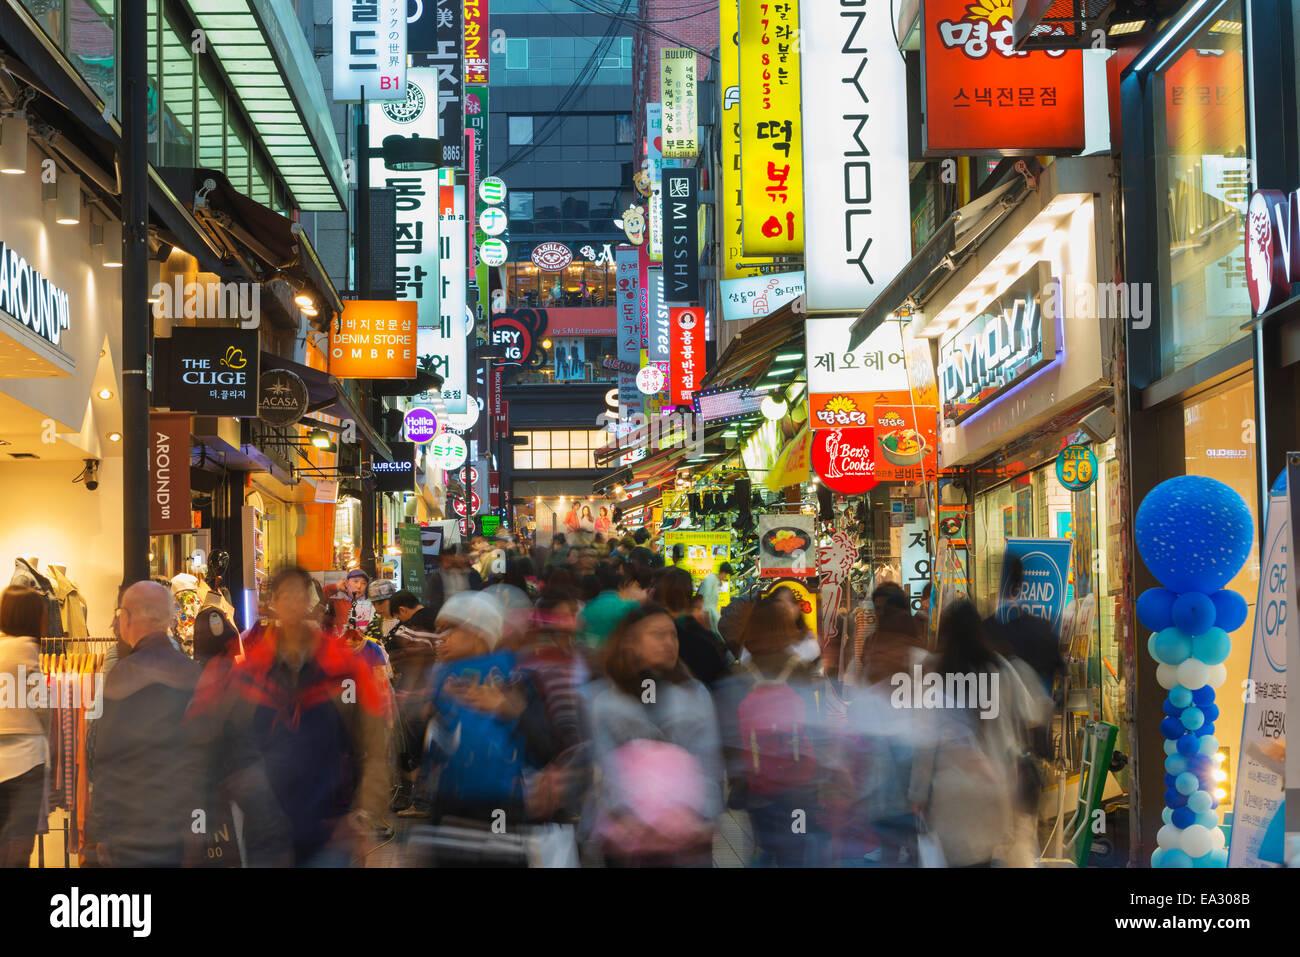 Calles iluminadas de neón de Myeong-dong, Seúl, Corea del Sur, Asia Imagen De Stock